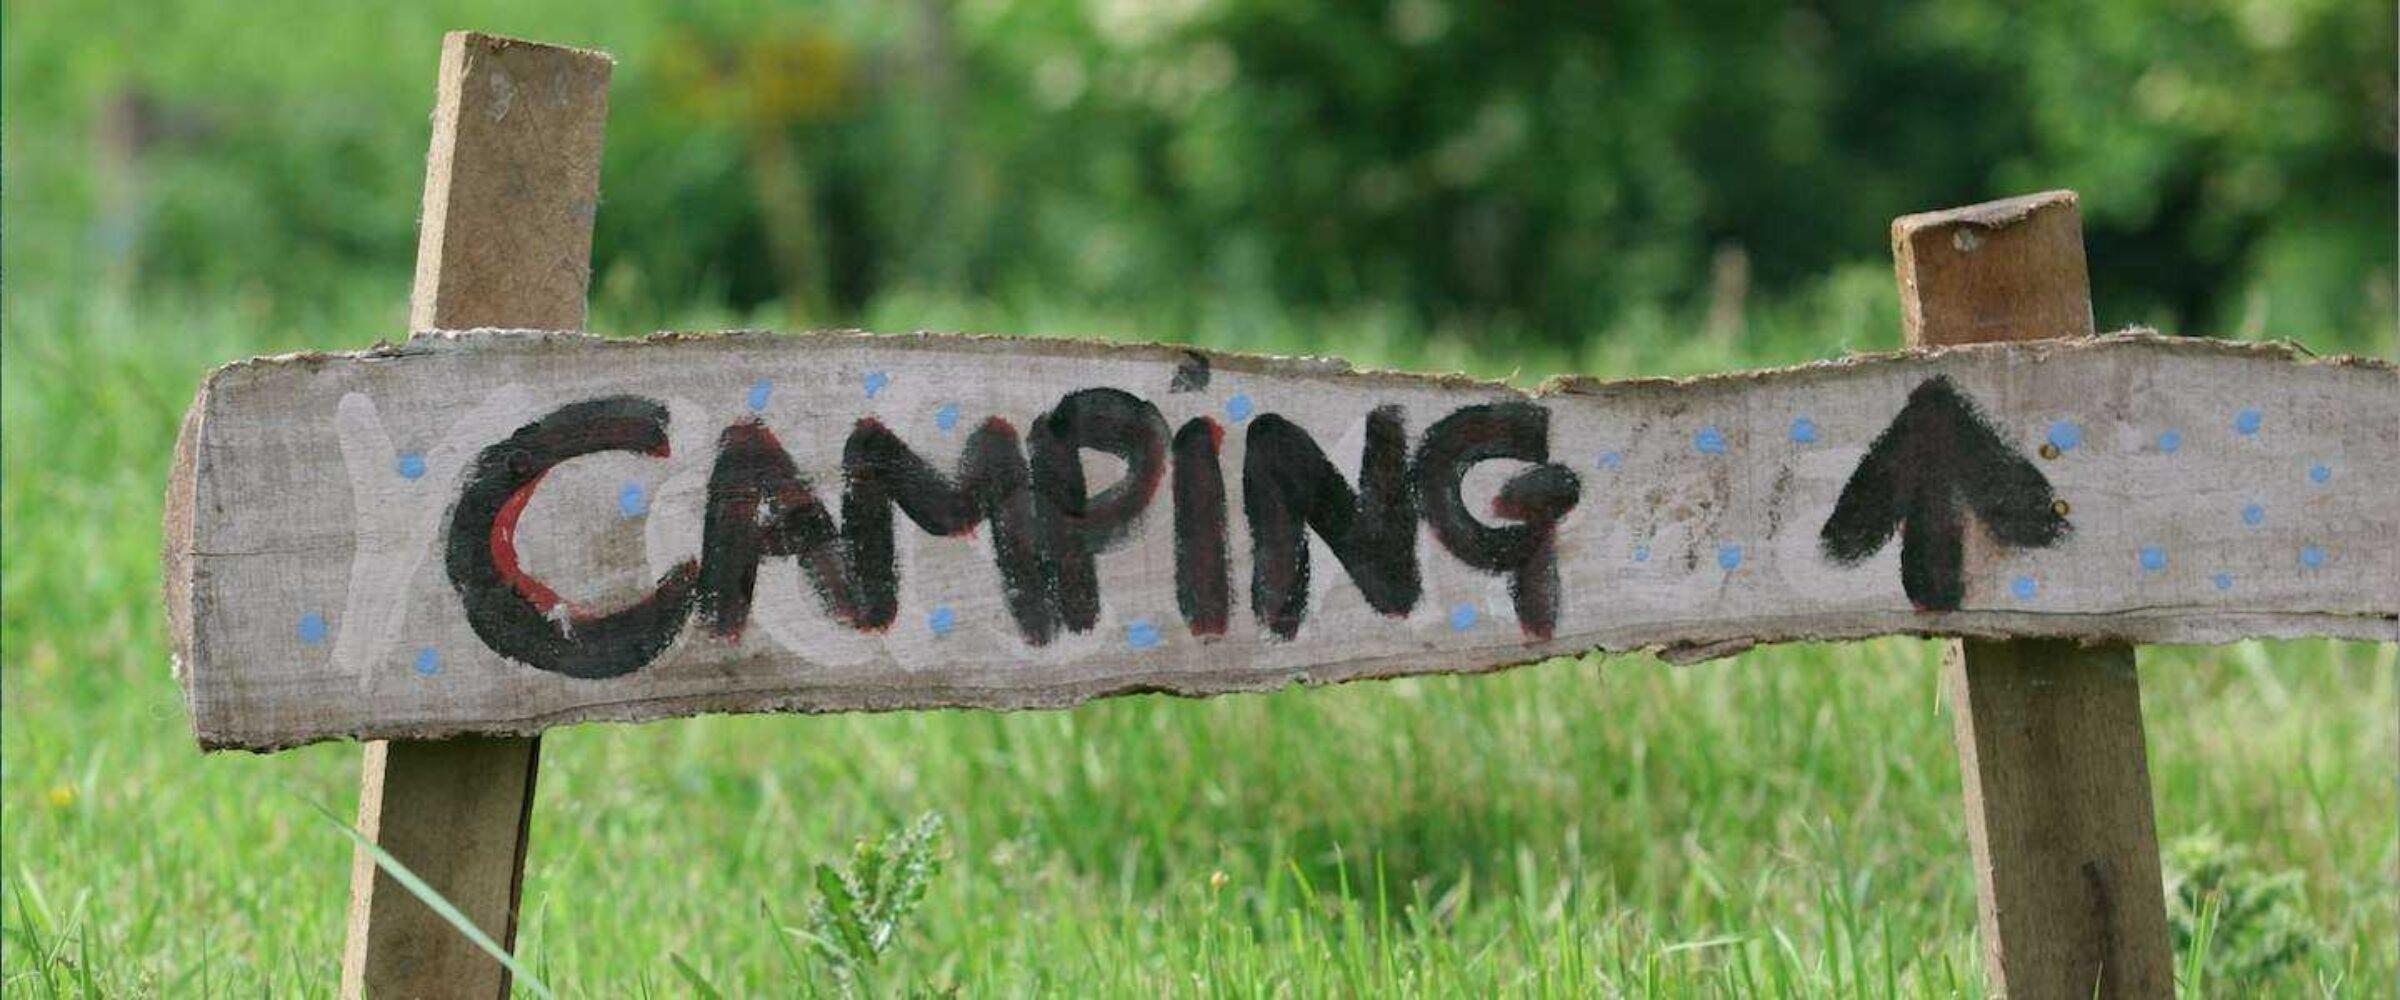 Camping boekelo Enschede